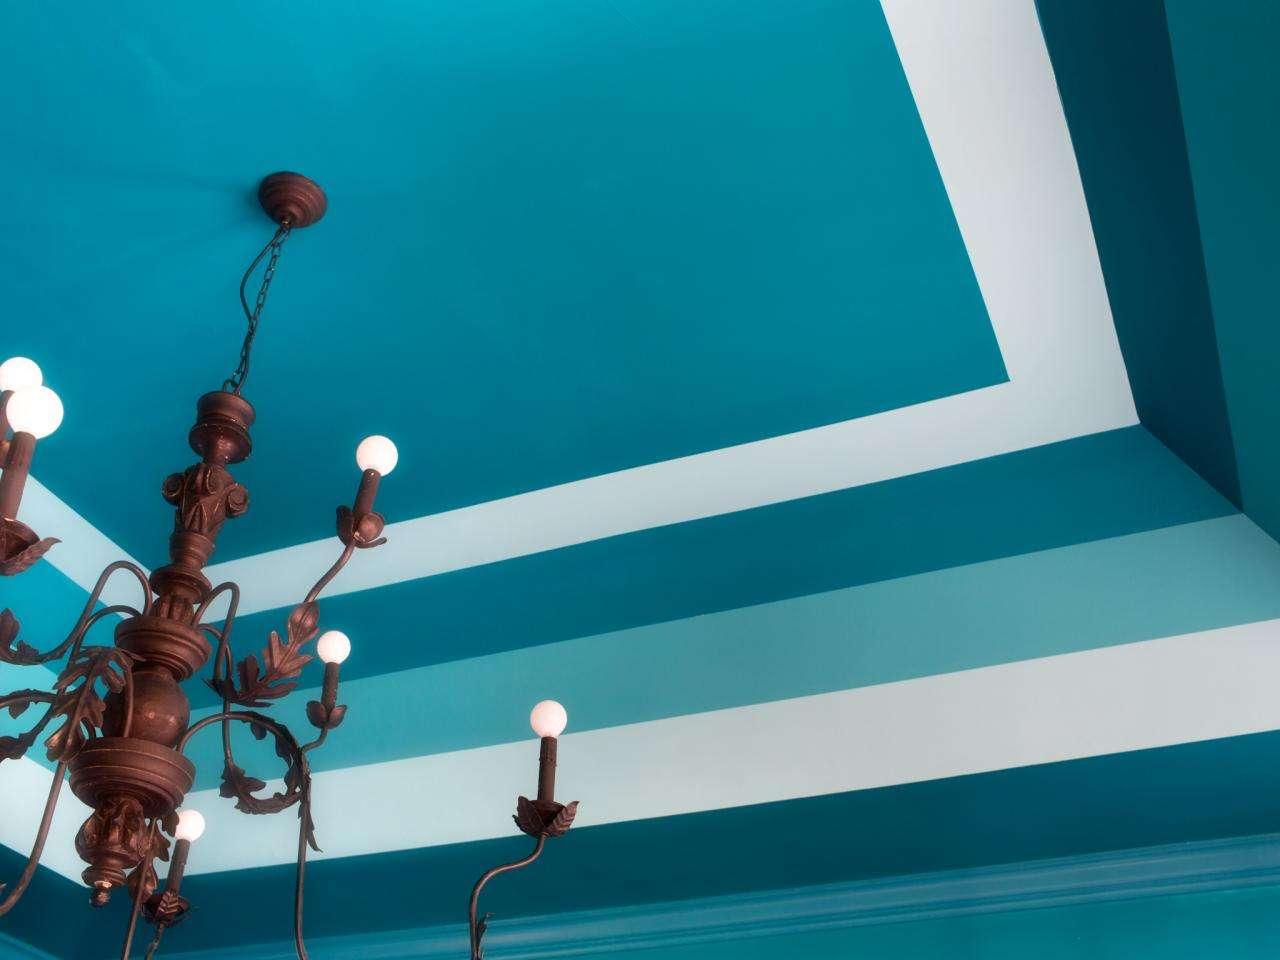 Comment Peindre Un Plafond Sans Trace peindre un plafond : nos conseils et astuces pour réussir